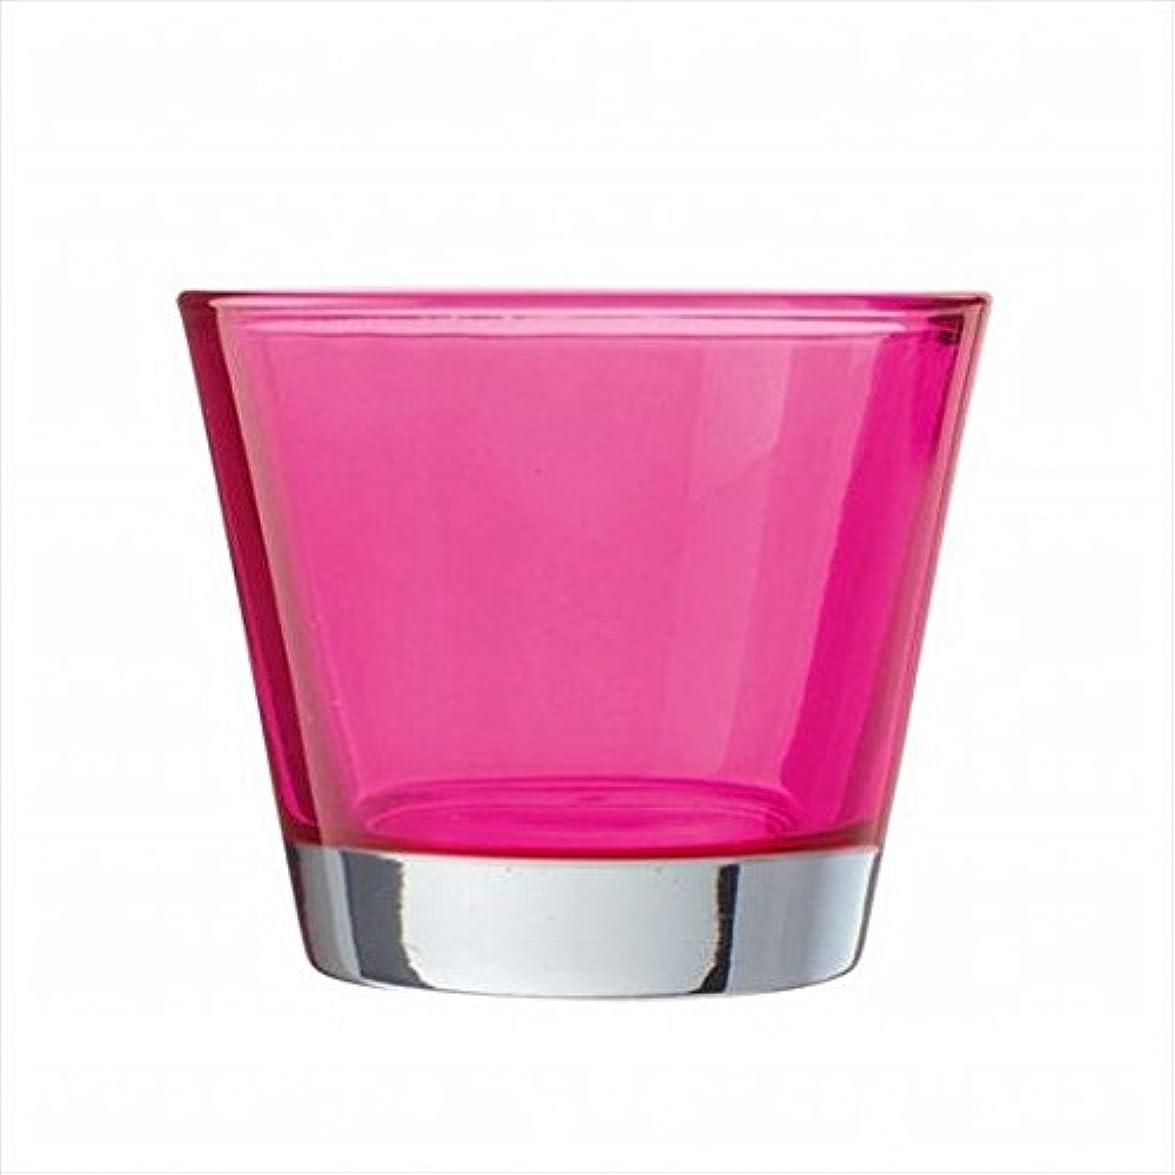 クロール怠な反抗kameyama candle(カメヤマキャンドル) カラリス 「 ピンク 」 キャンドル 82x82x70mm (J2540000PK)